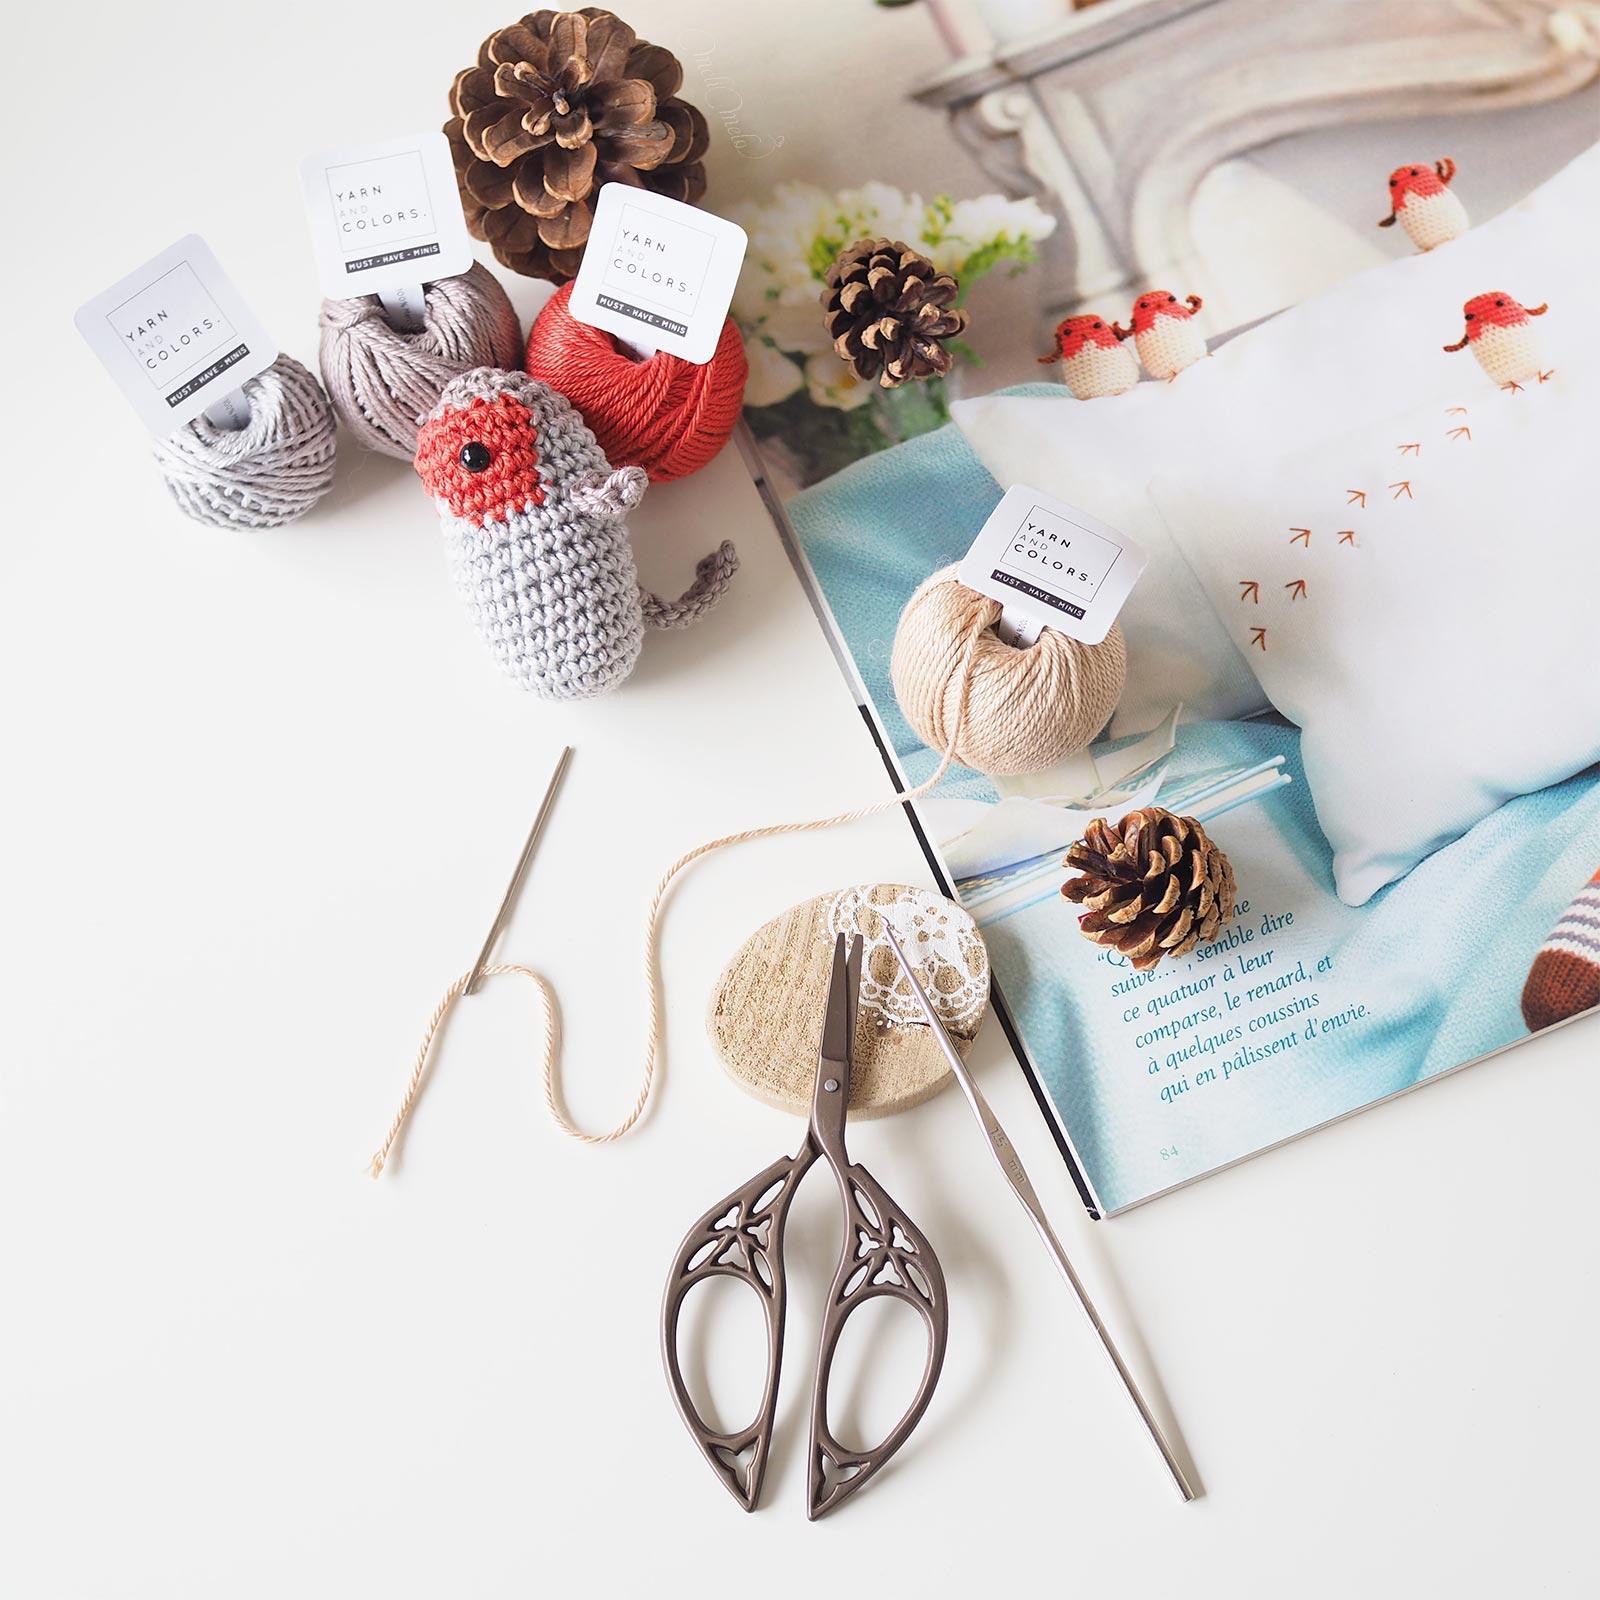 crochet oiseau rouge-gorge revue Marie Claires Idées Boutique MeliMelo